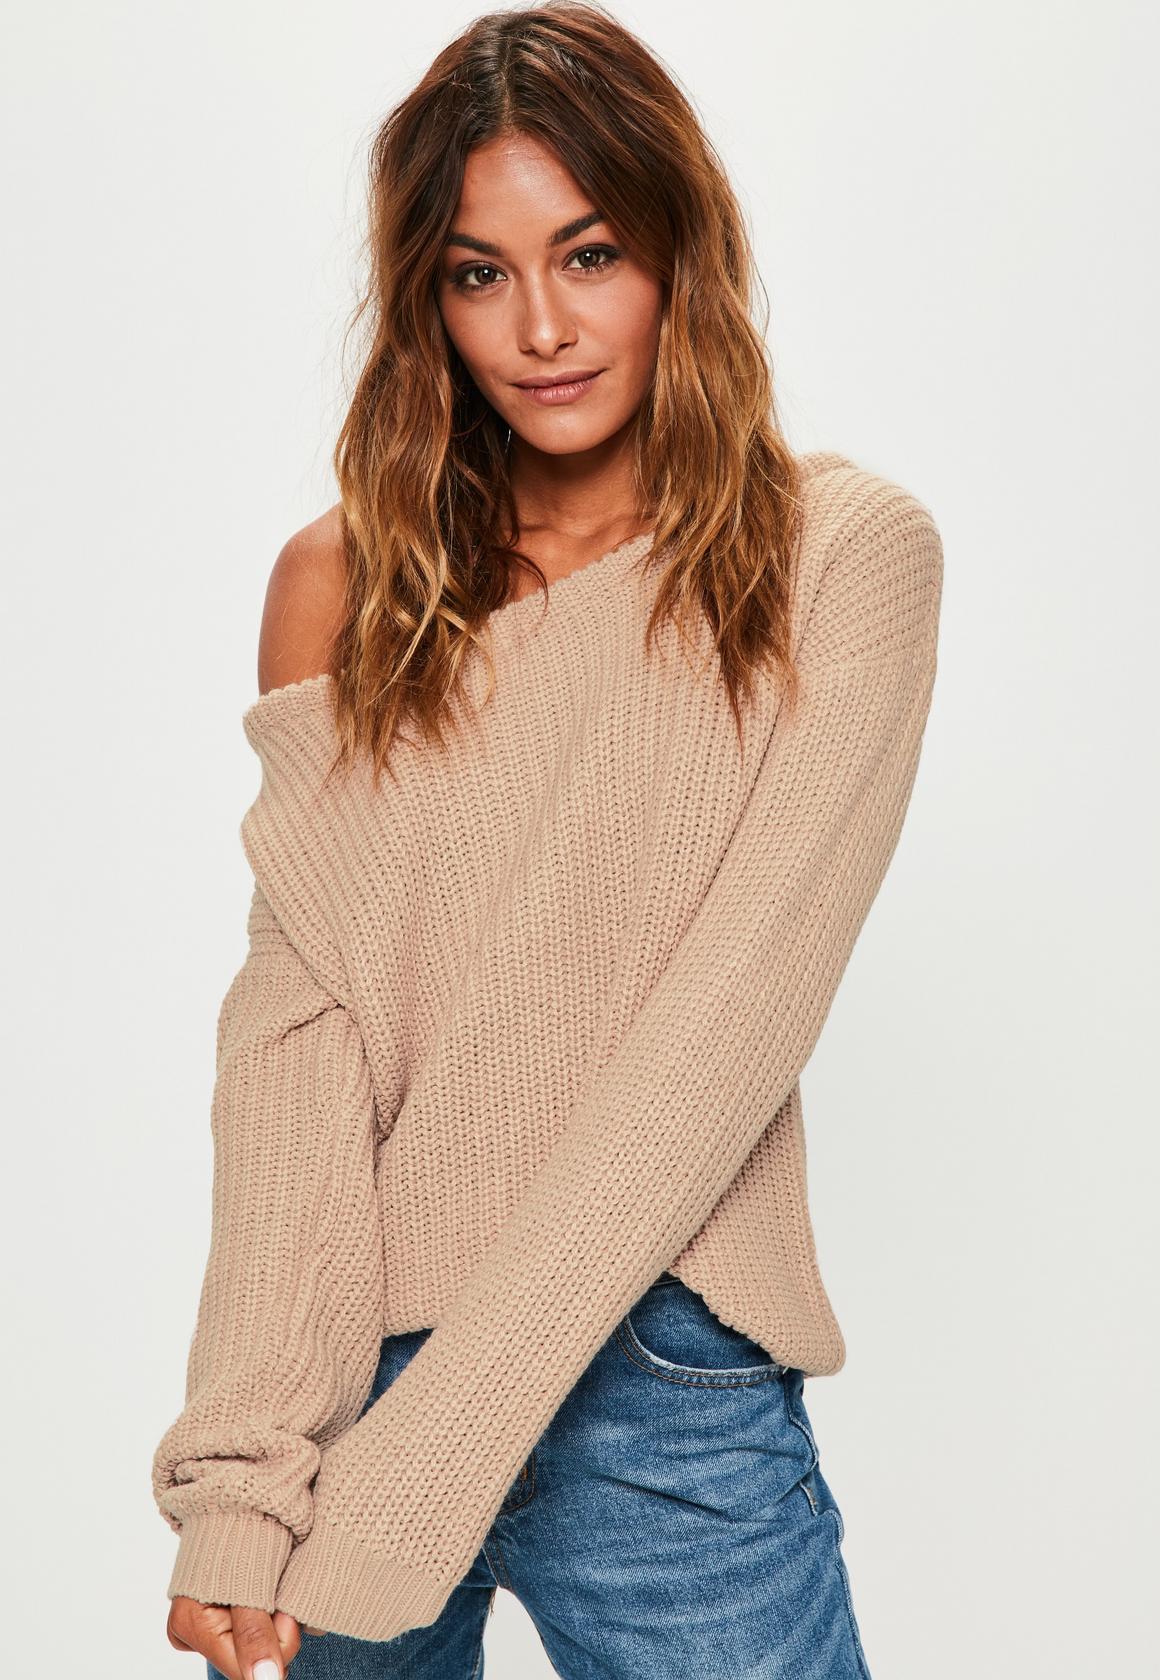 off the shoulder jumper beige off shoulder knitted jumper. previous next aceqktf